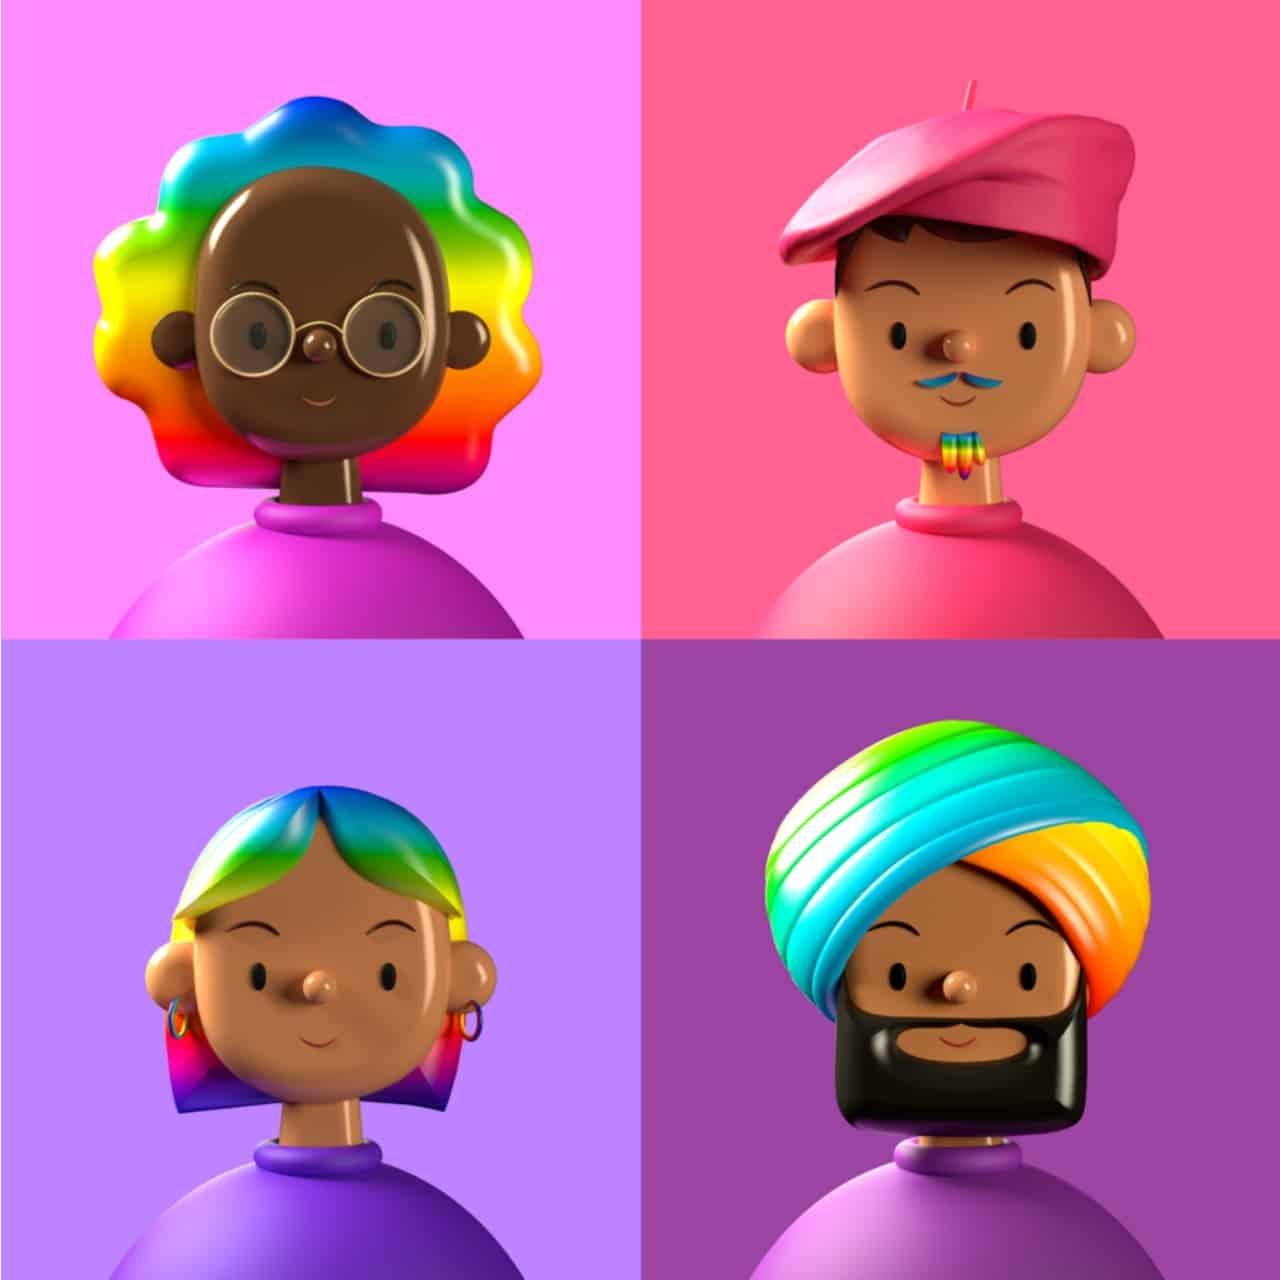 toy-faces-3d